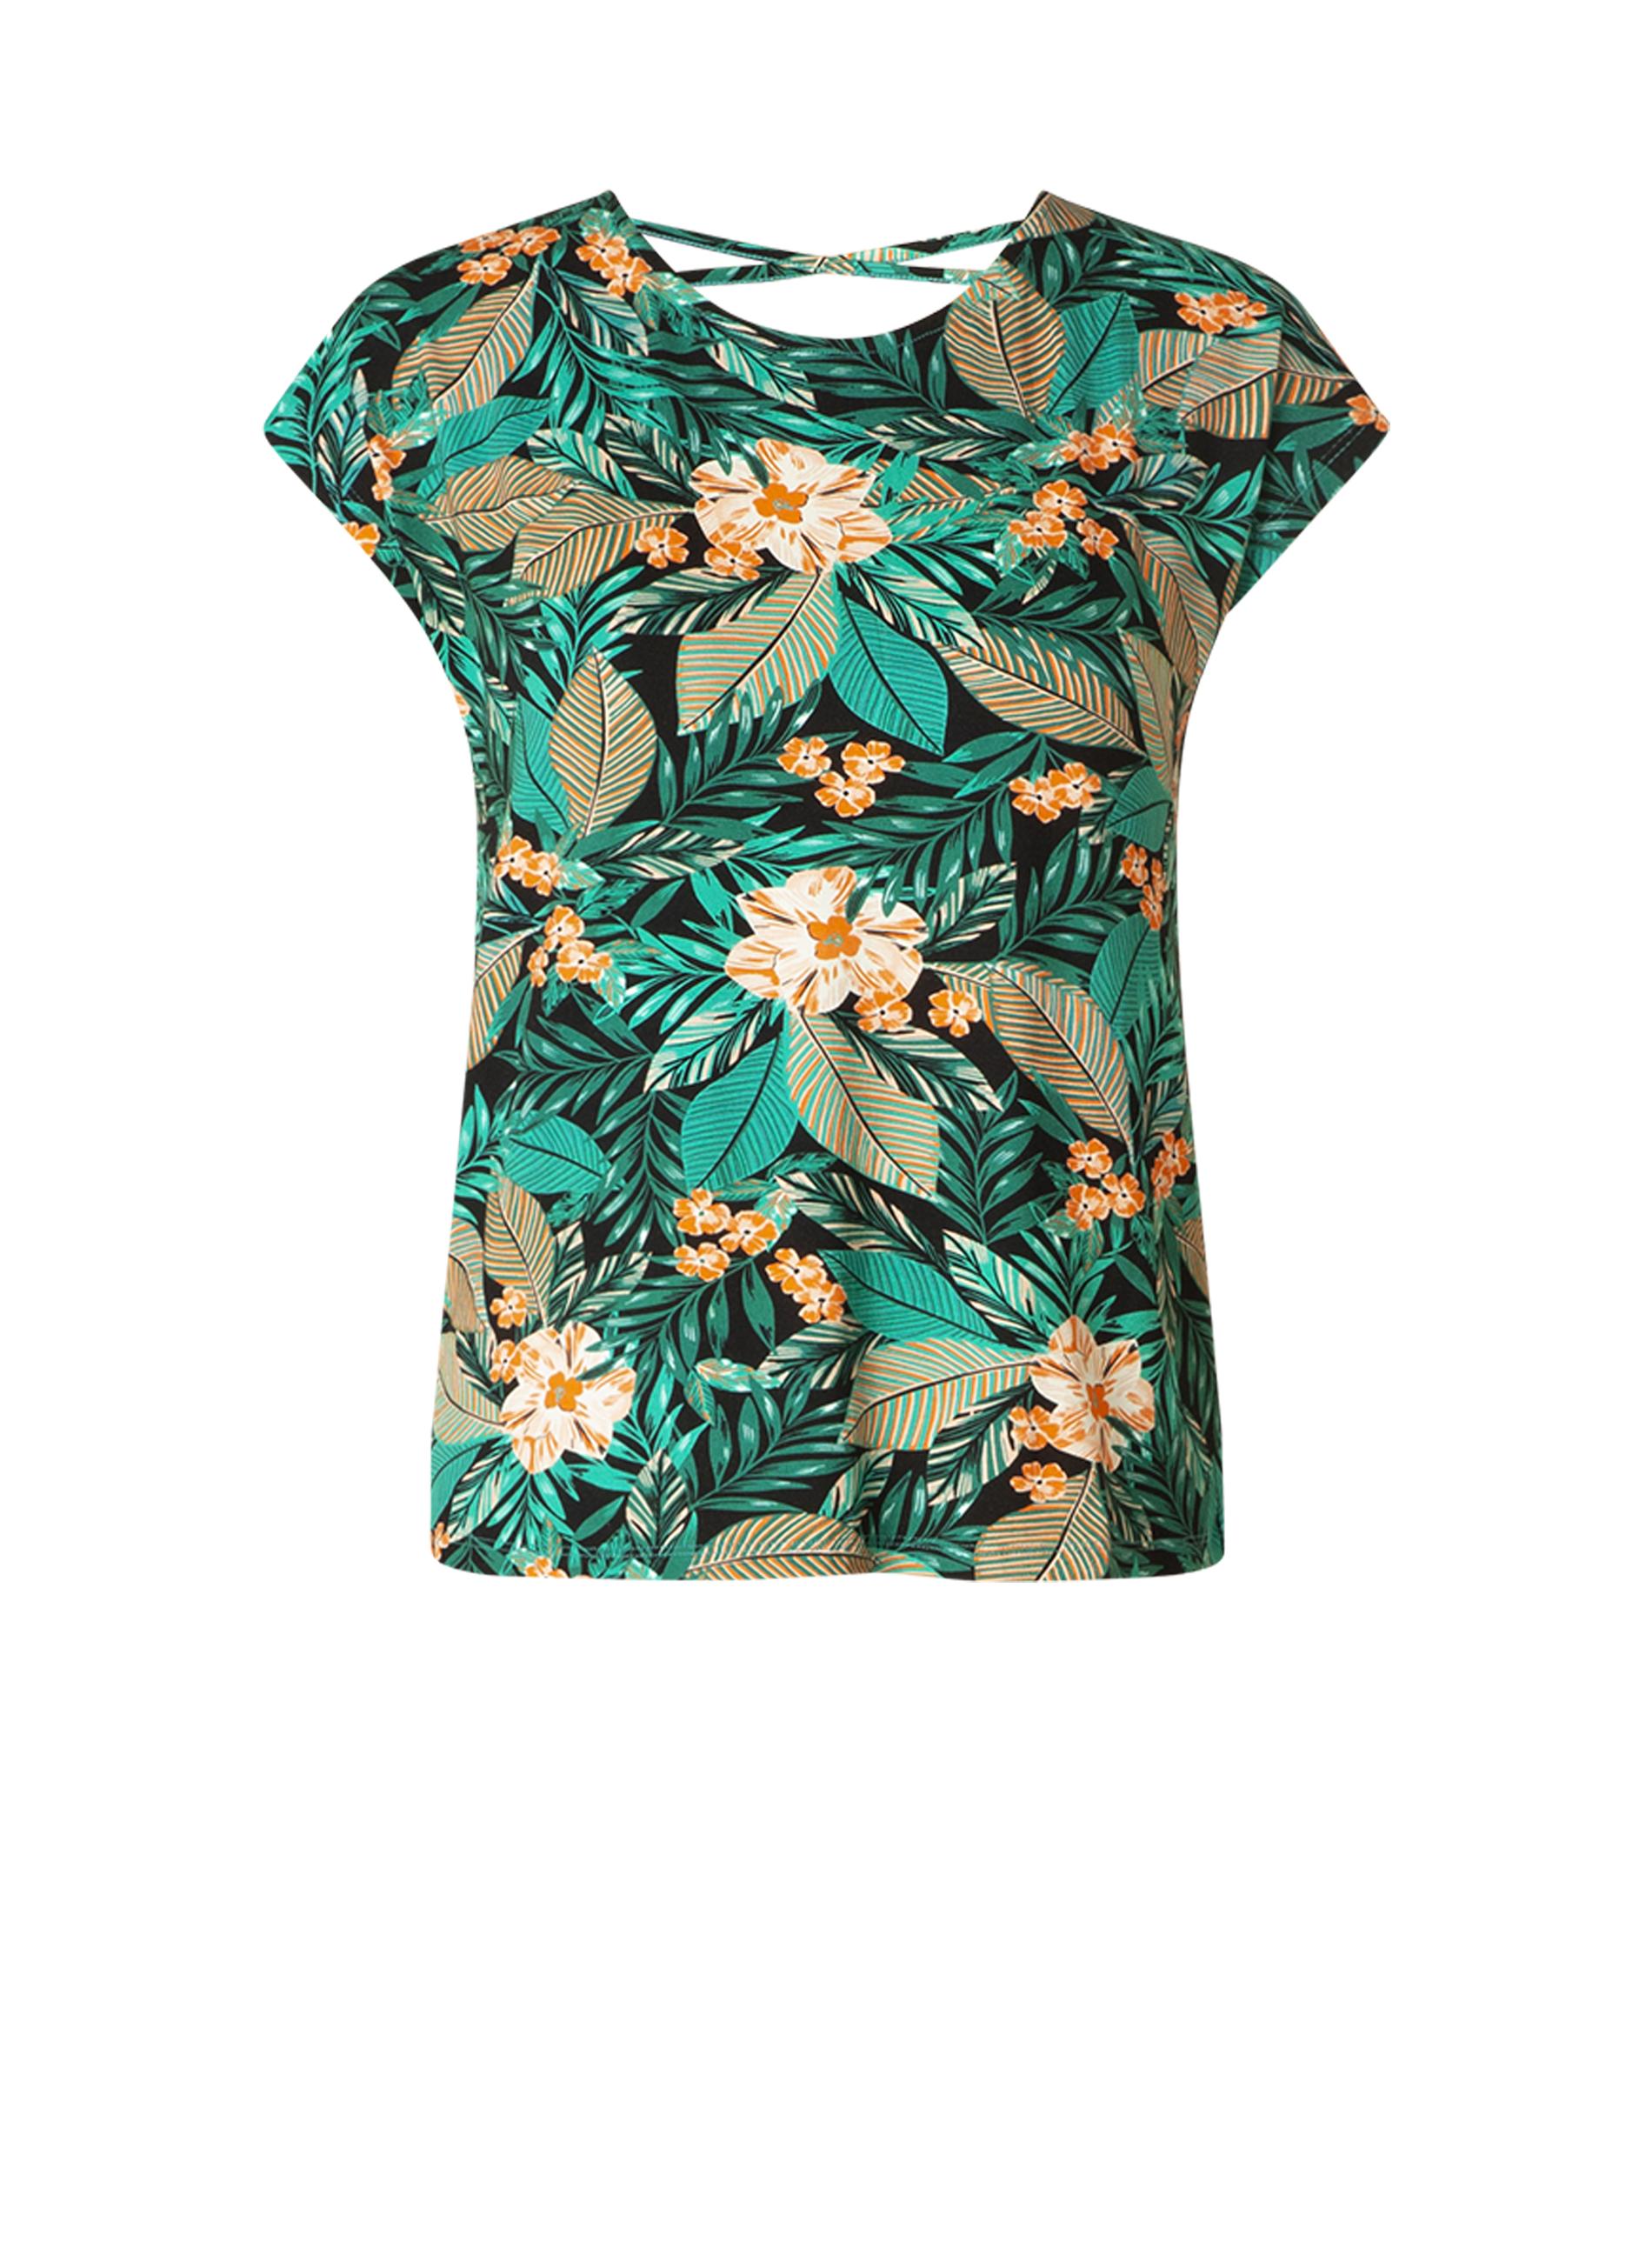 Yesta shirt Lieselot 76 cm